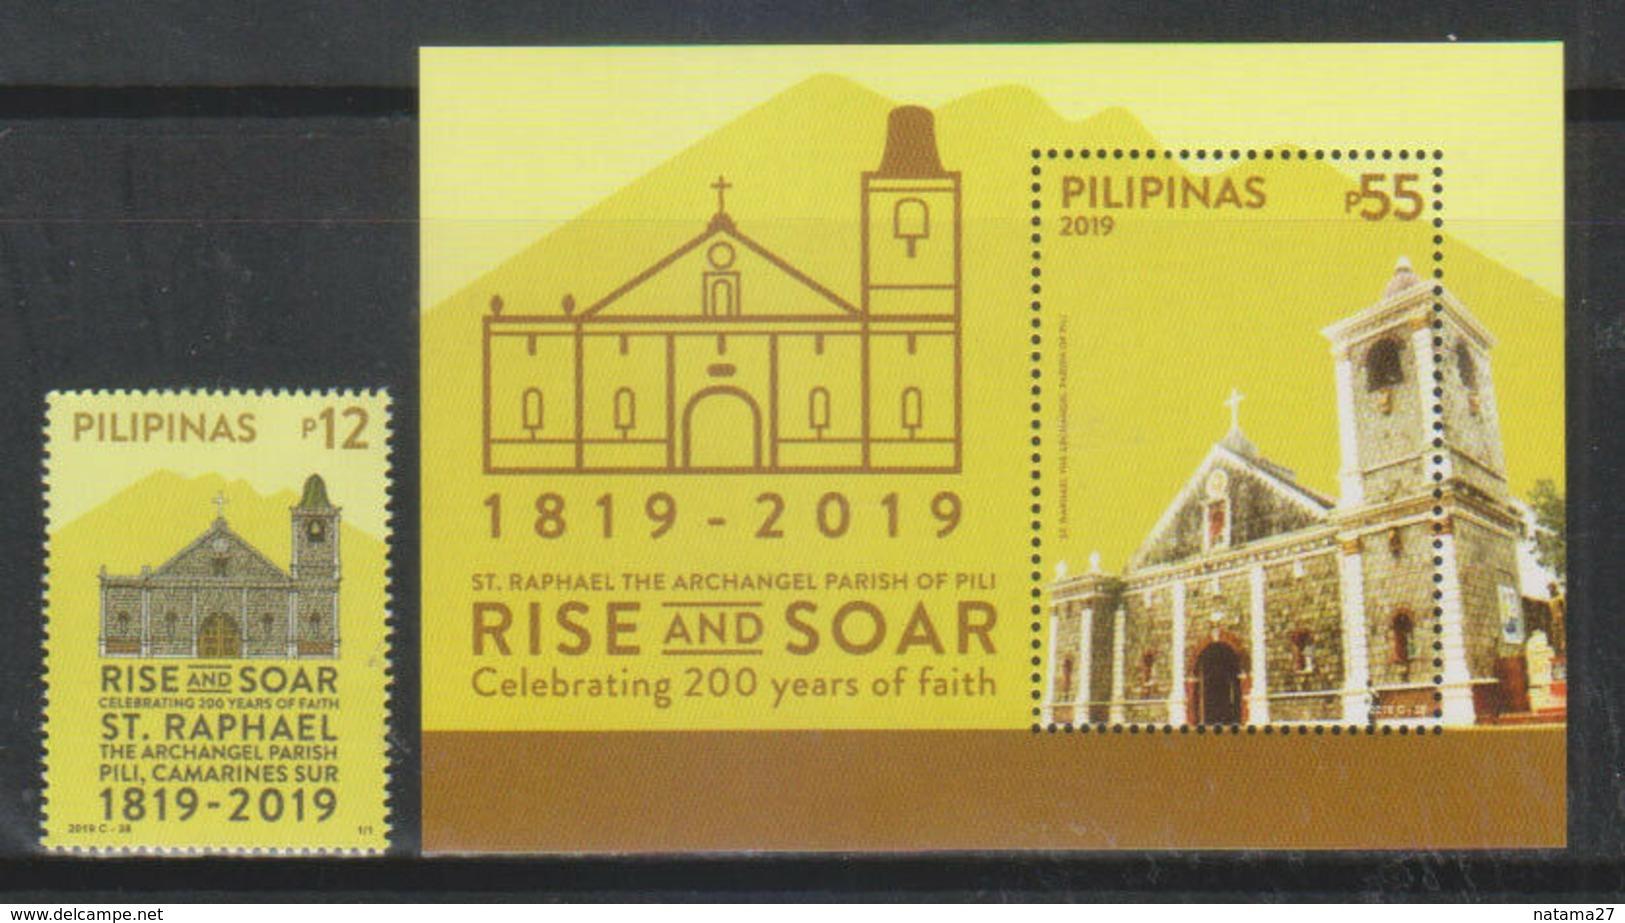 Filippine Philippines Philippinen Pilipinas 2019 St. Raphael, The Archangel Parish - Bicentennial Set + SS -  MNH** - Filippine